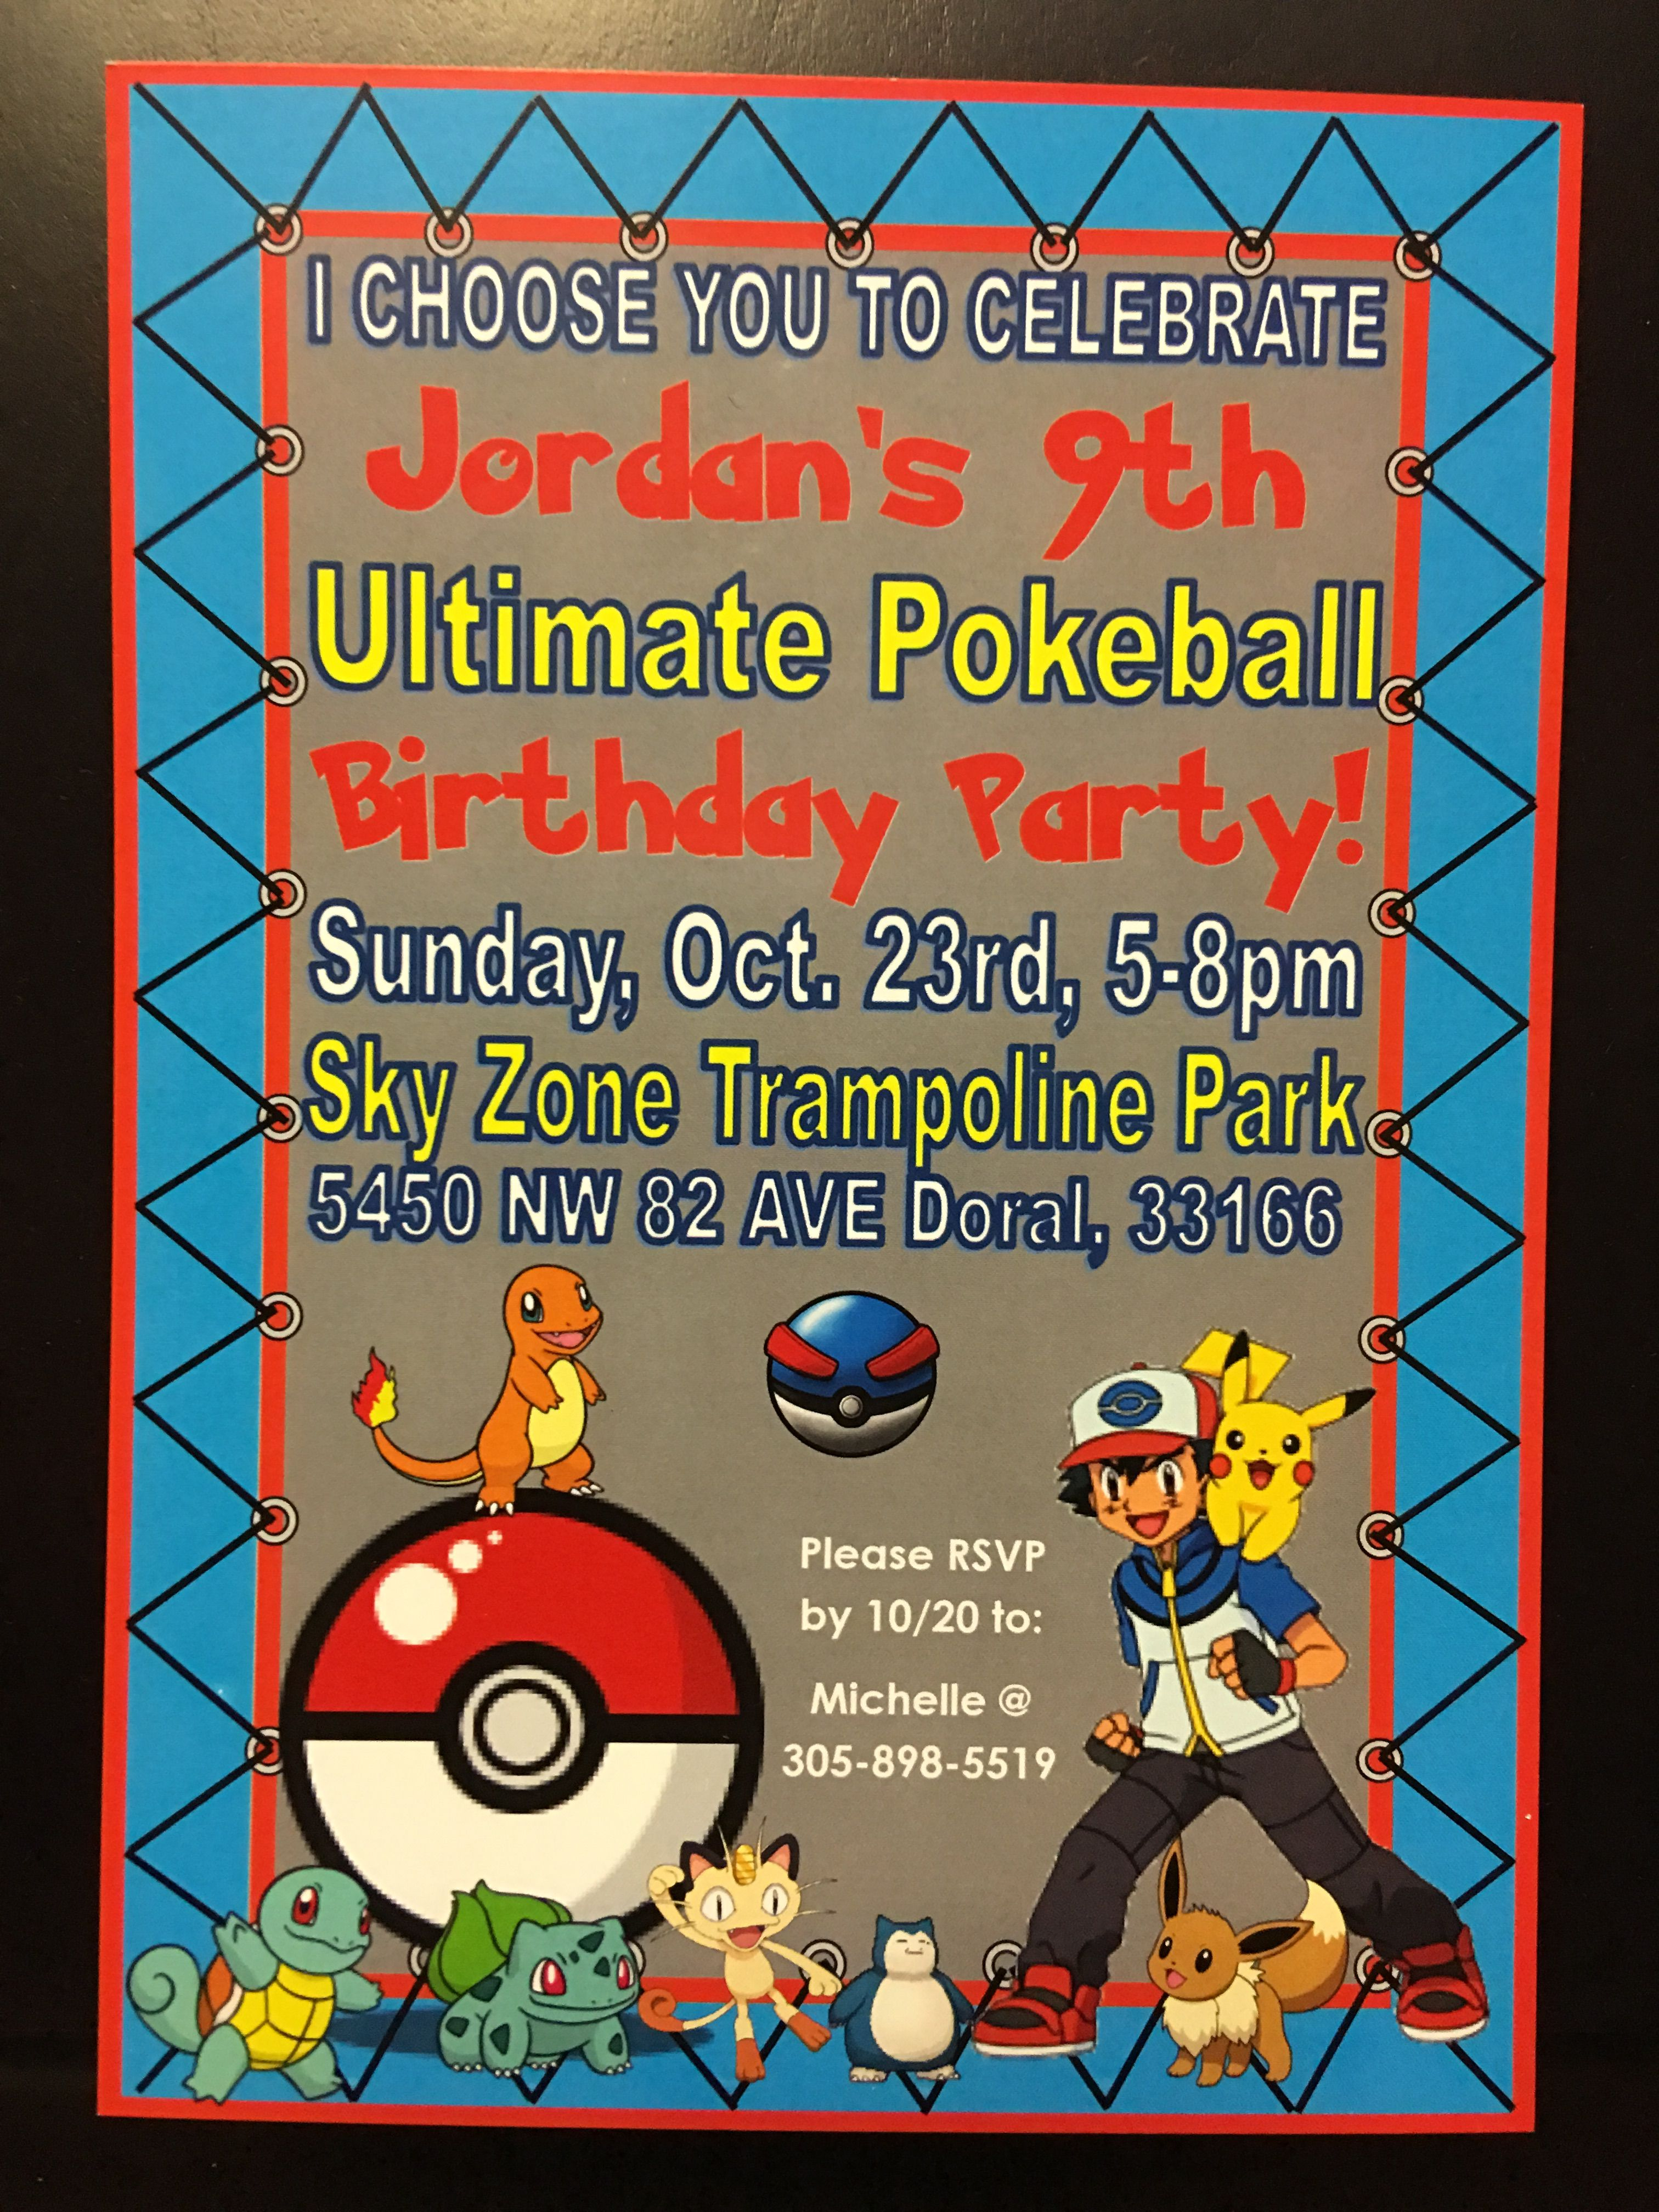 Sky Zone Trampoline Park Pokemon Party Invitation Jordan Pokemon